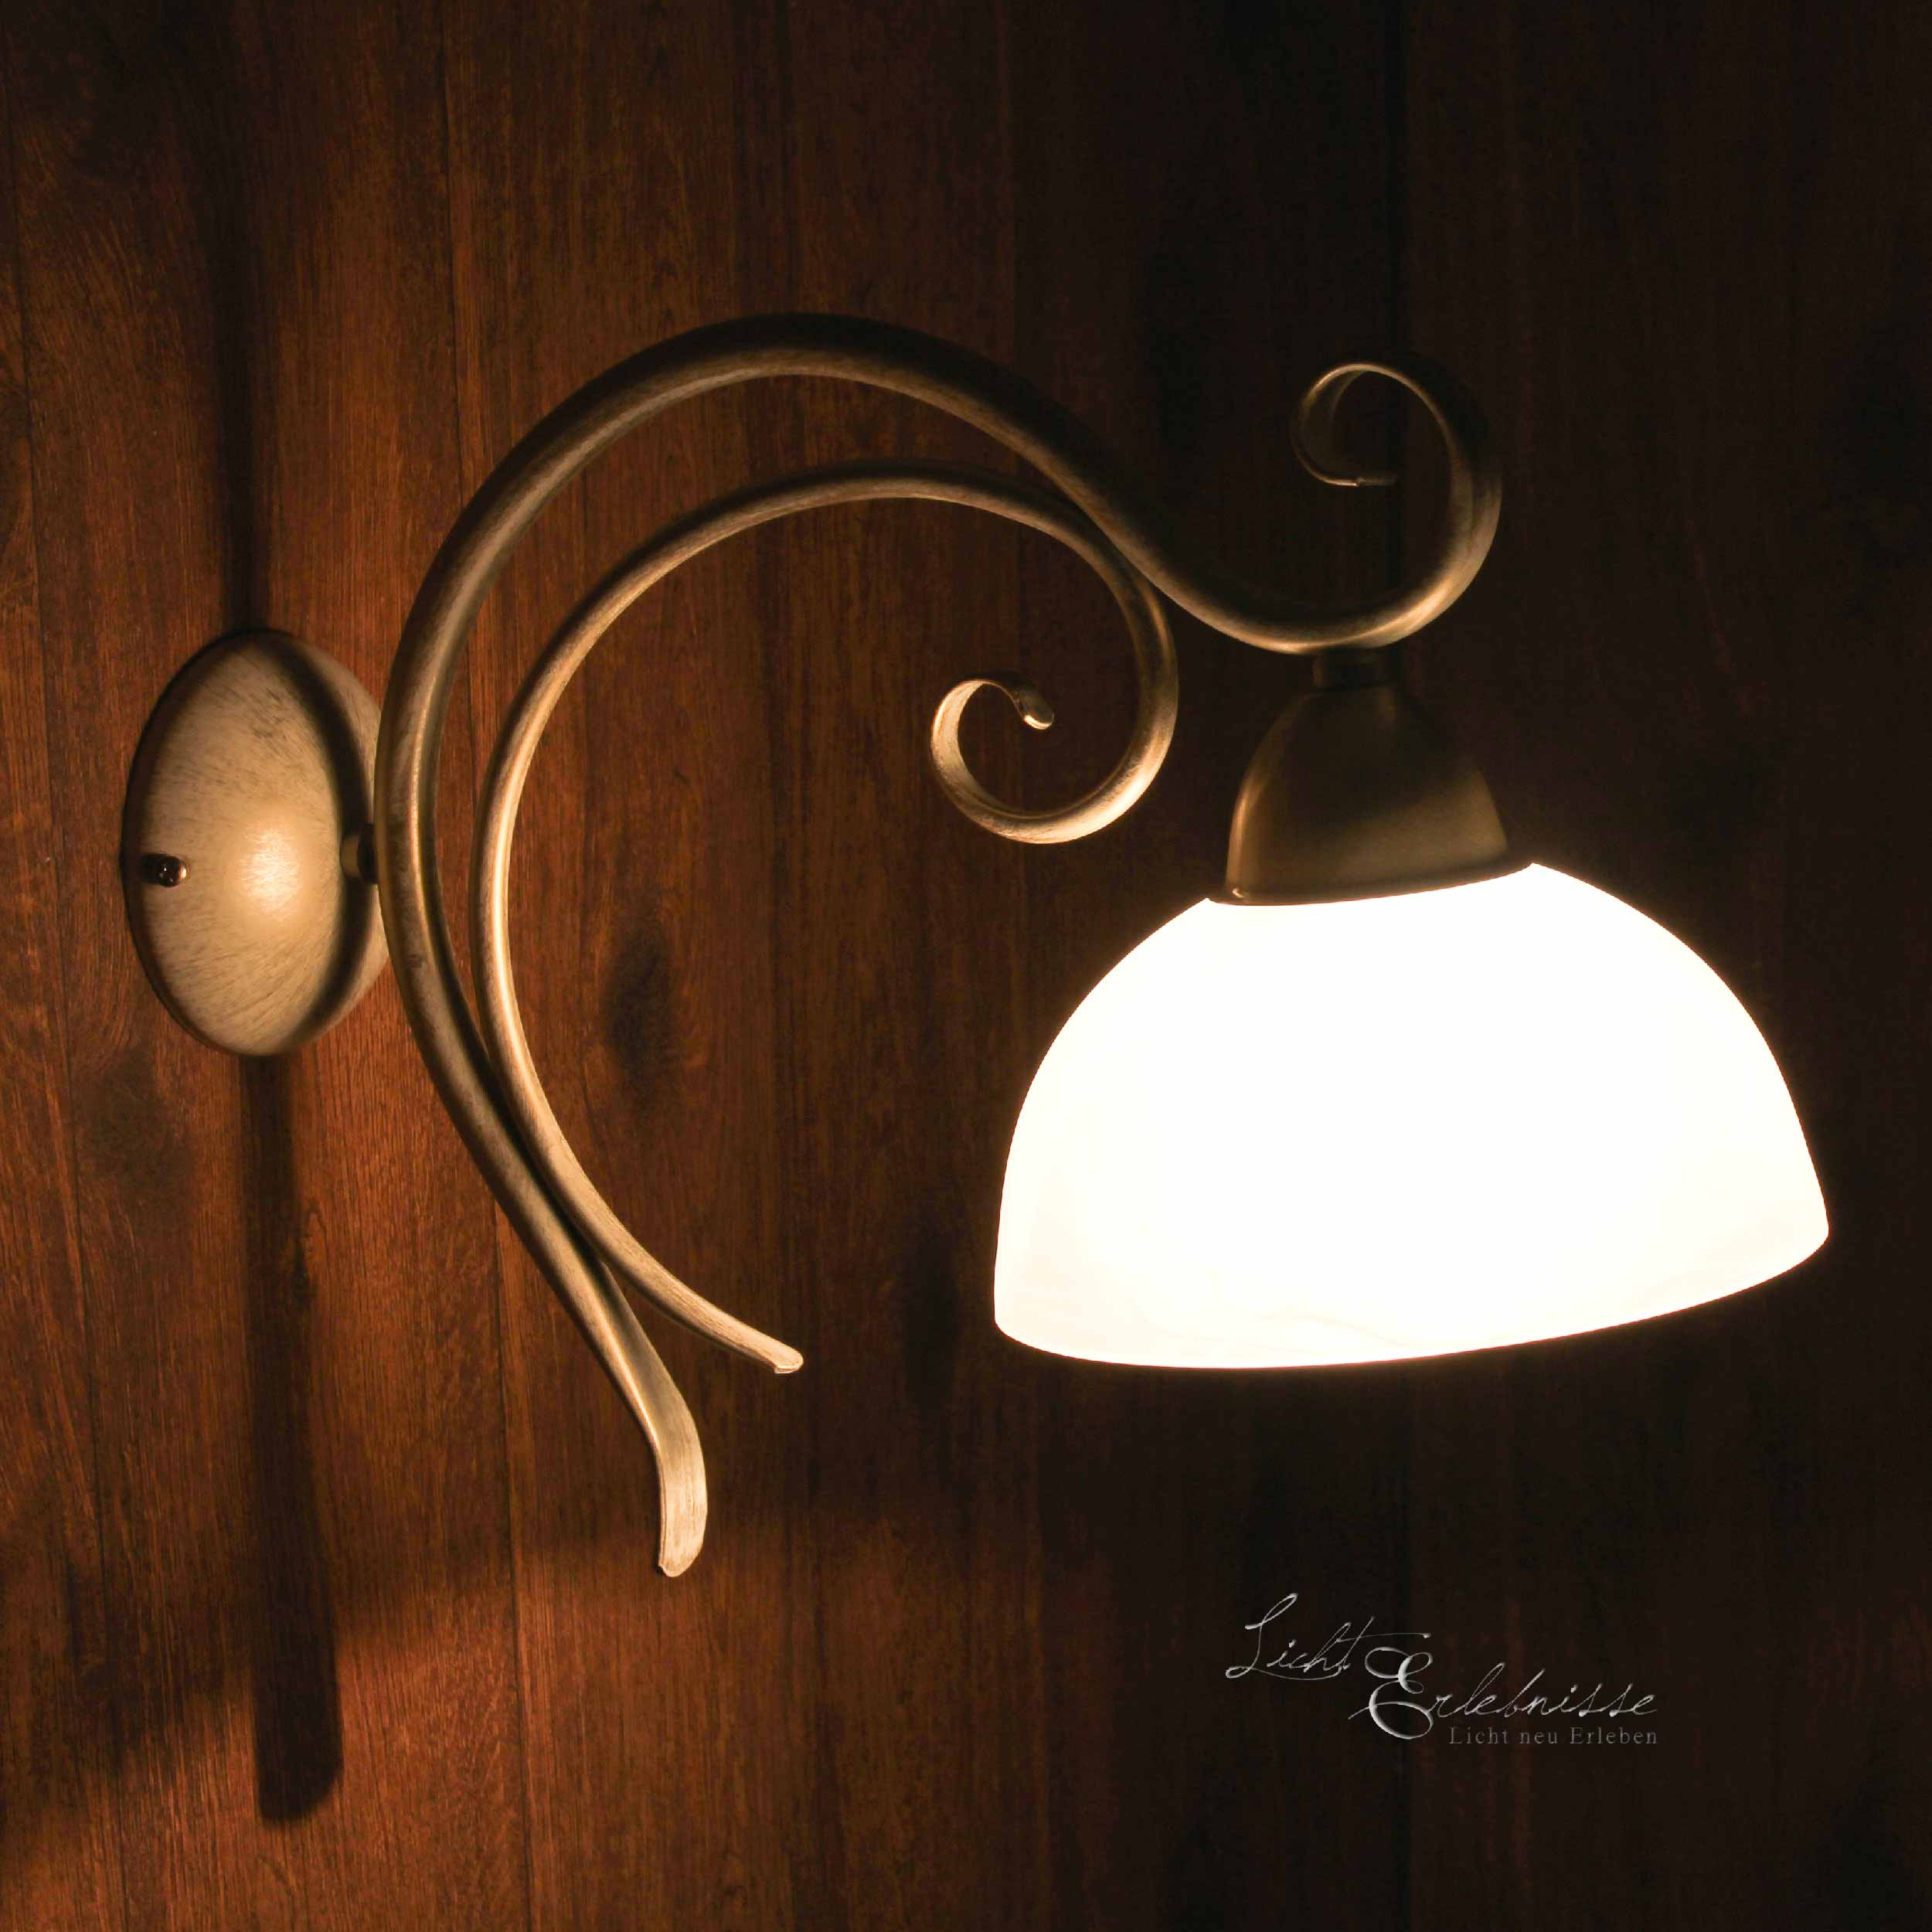 Wandleuchte Shabby Chic E27 Lampe Wand Landhaus rustikal ...